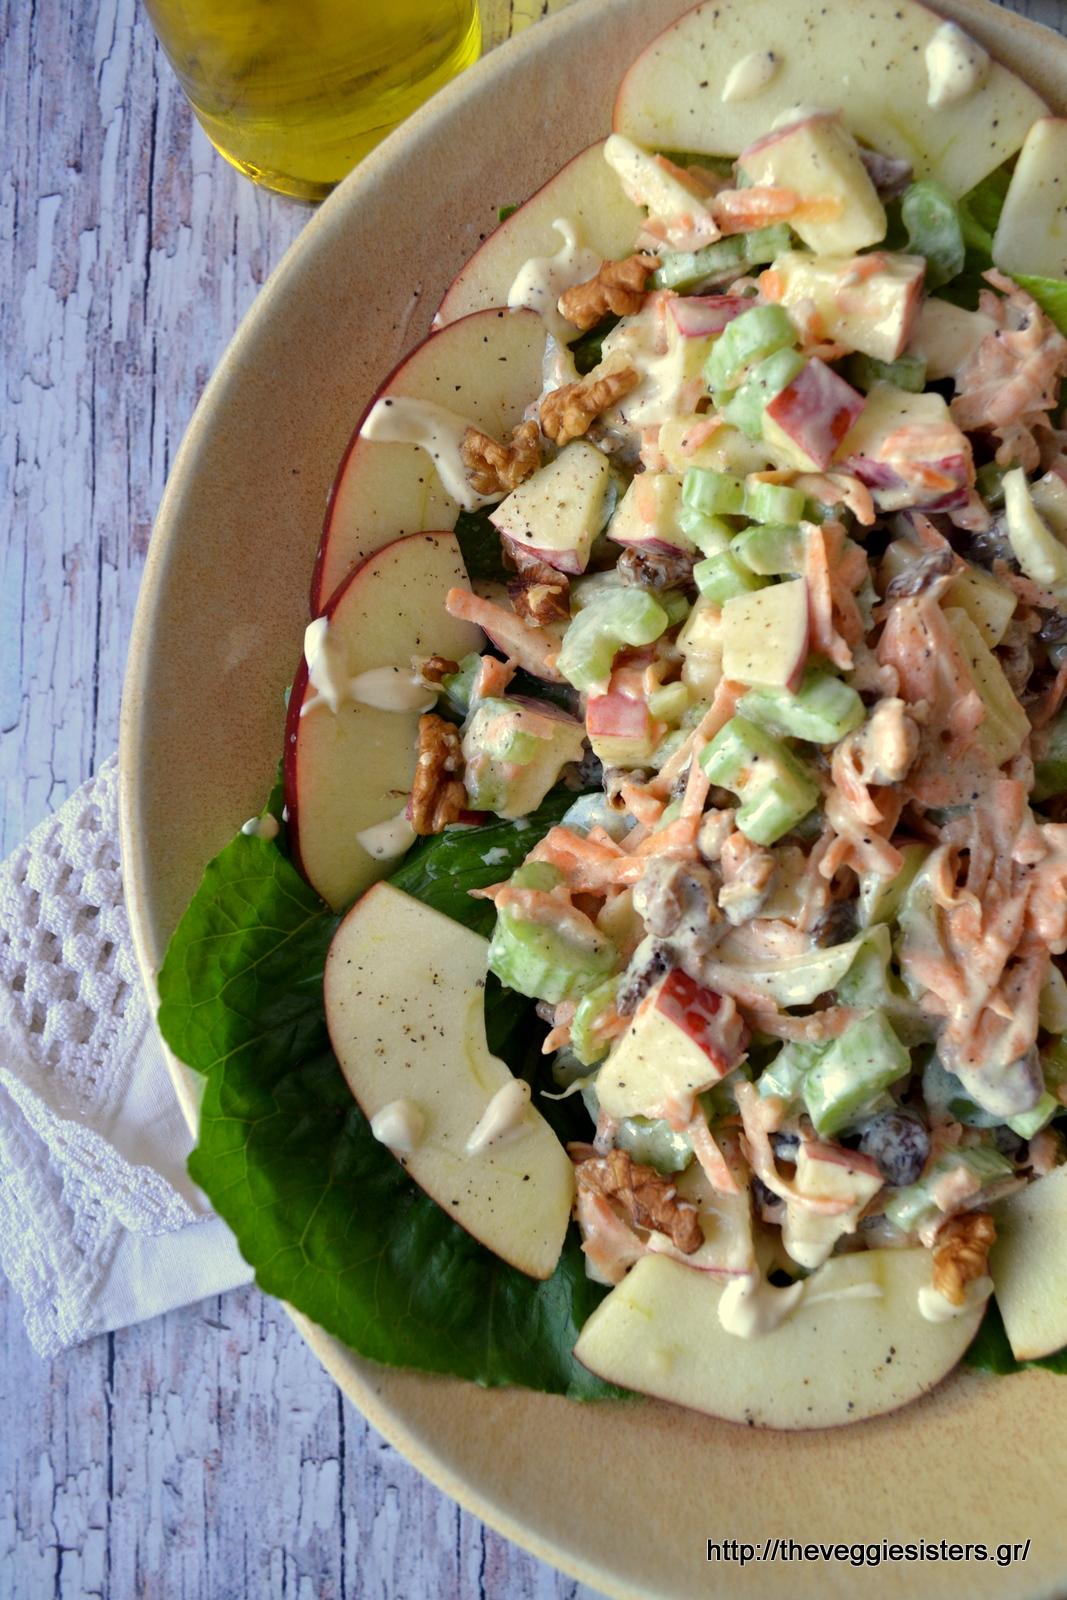 Σαλάτα waldorf με μήλο, σέλερυ, καρύδια κ φυτική μαγιονέζα - Vegan waldorf salad